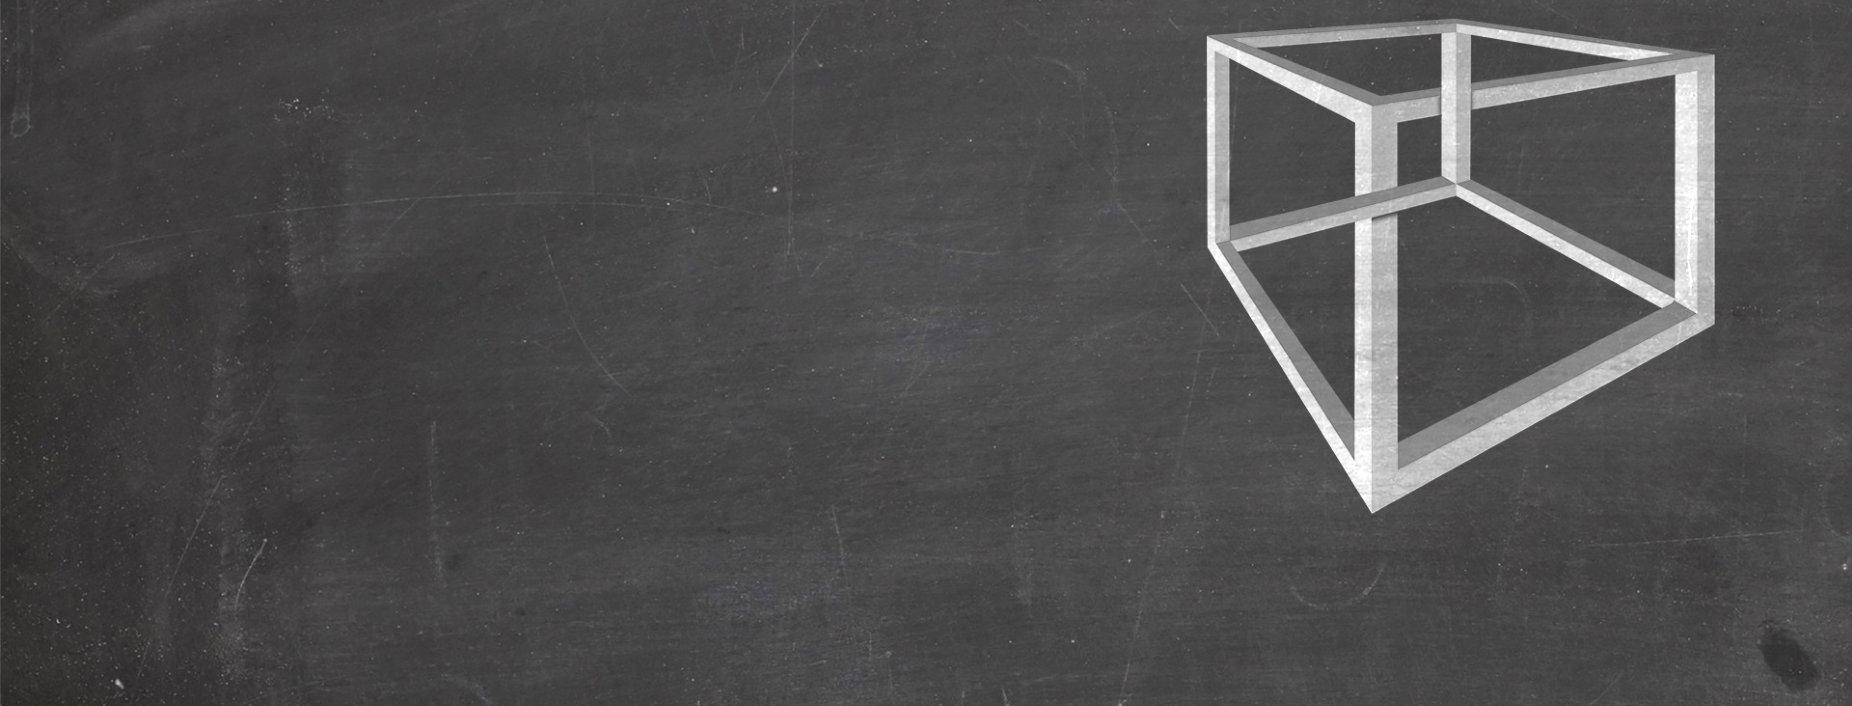 blackboard-cube-bg